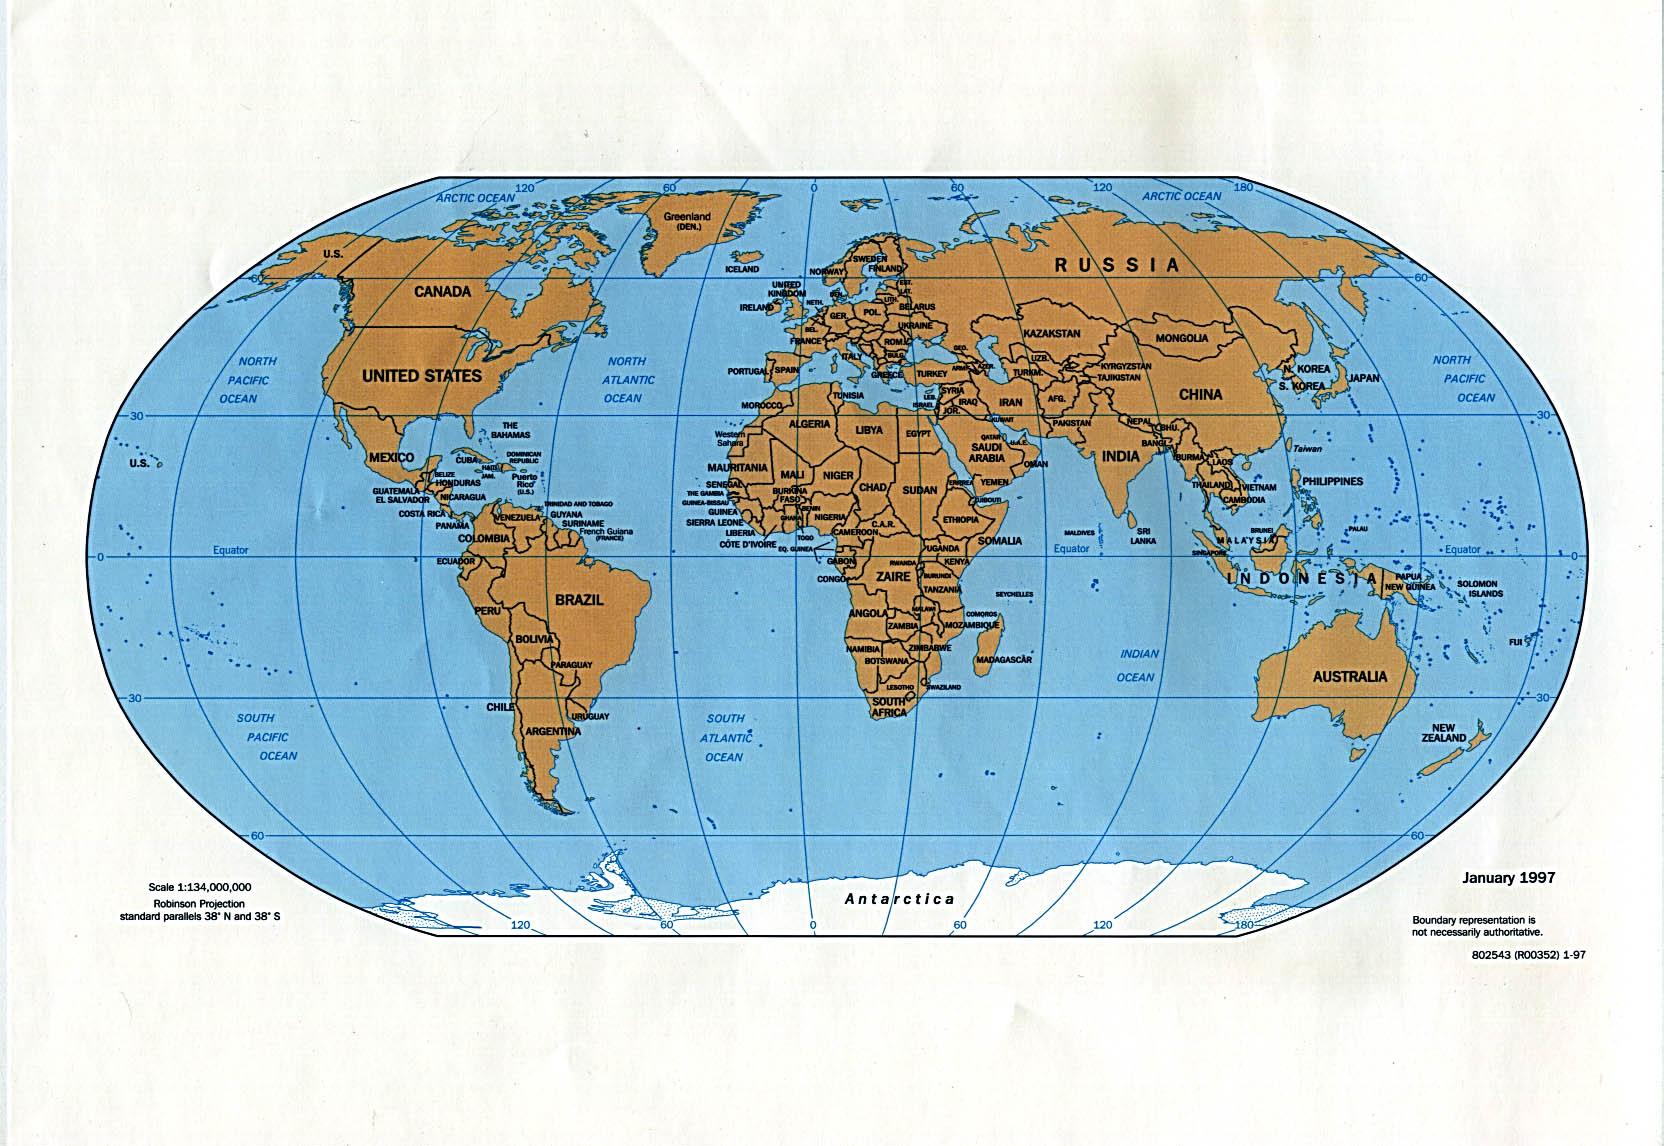 Reisenett verdenskart world map publicscrutiny Choice Image